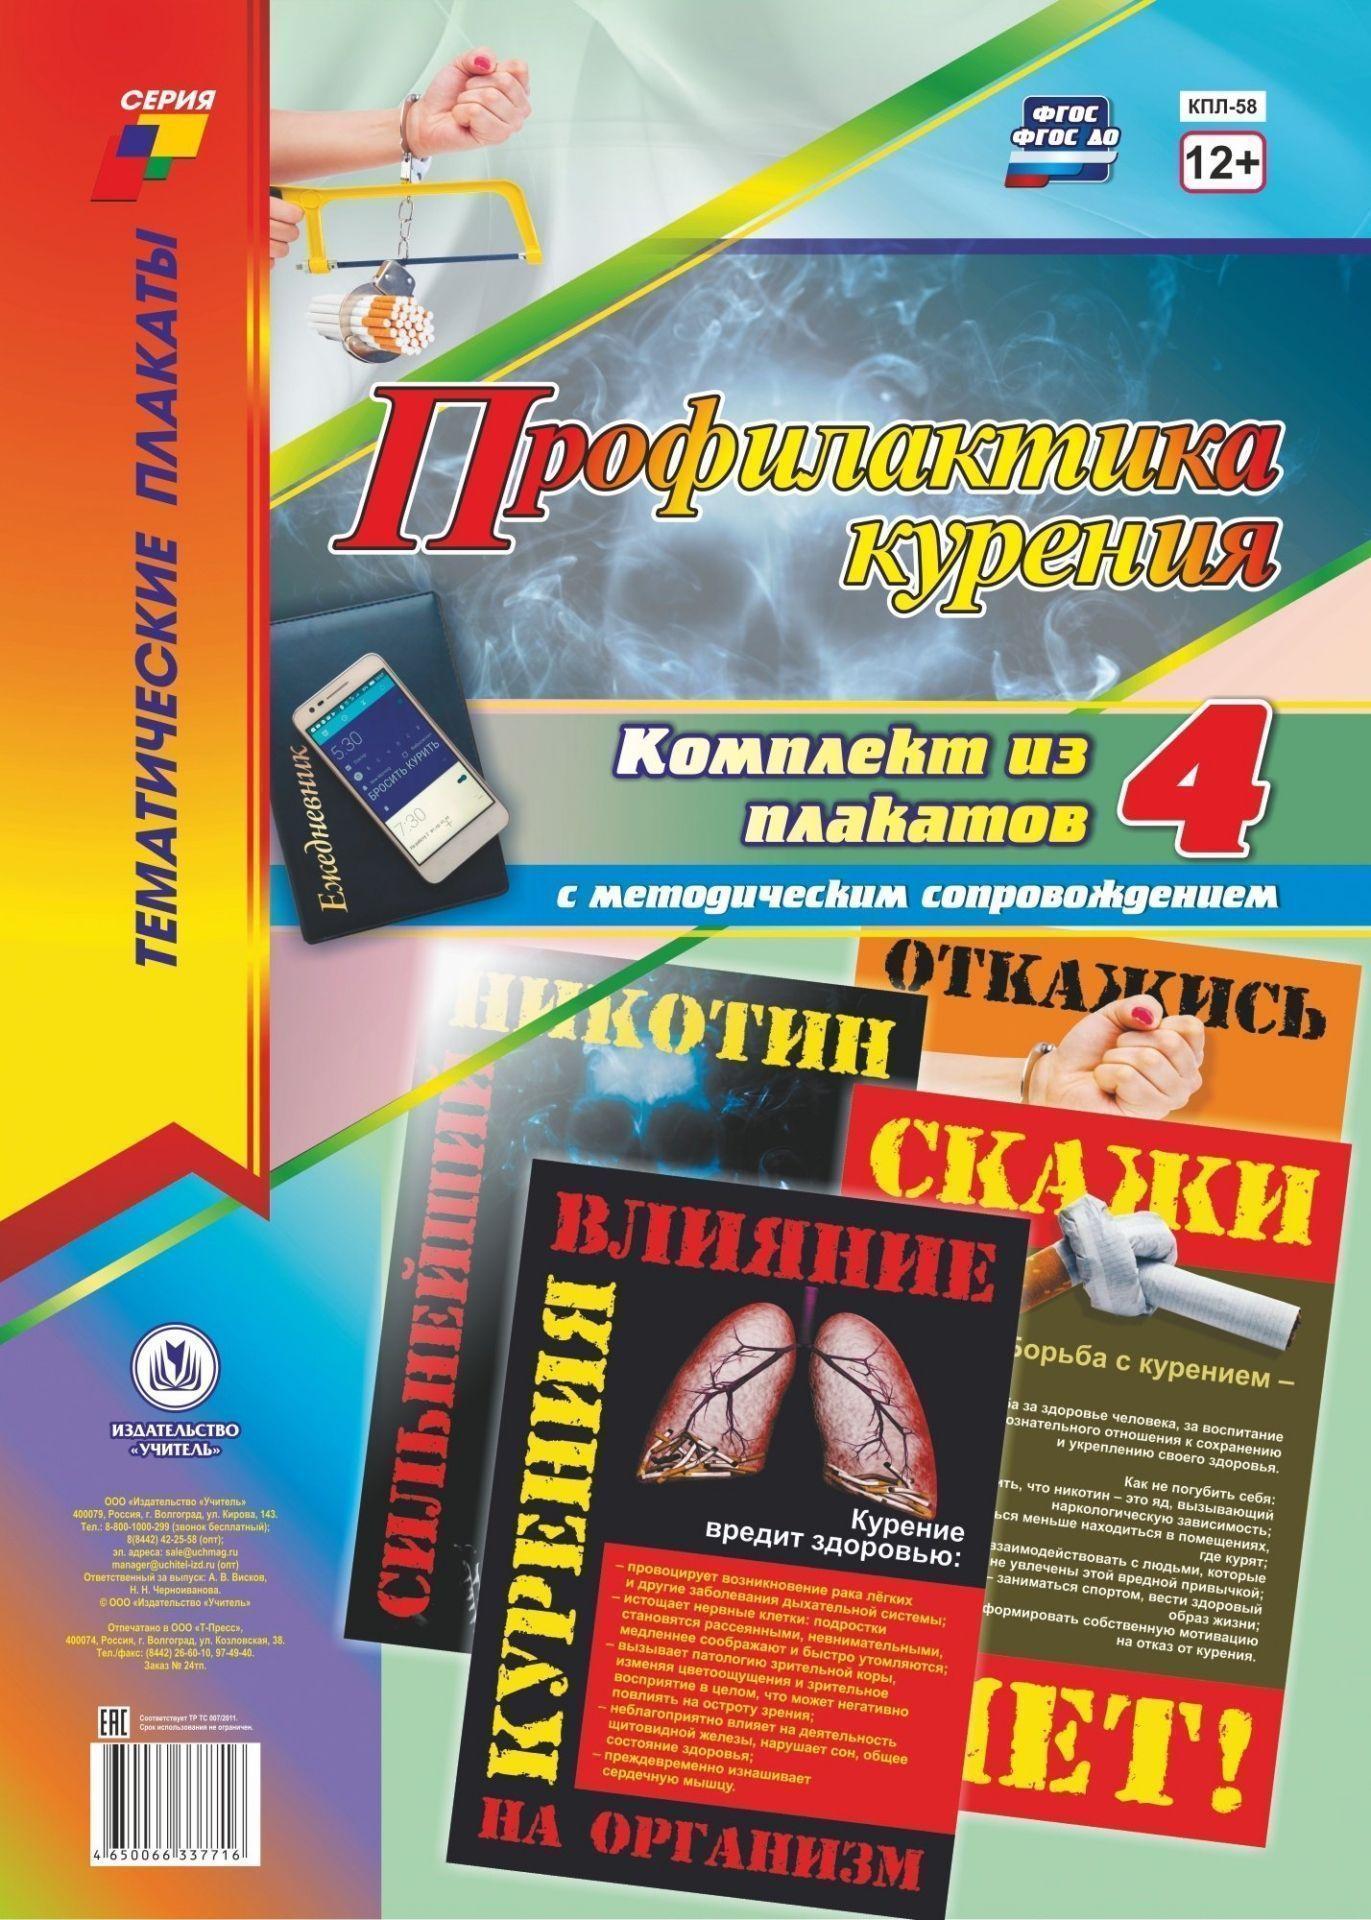 Комплект плакатов Профилактика курения: 4 плаката с методическим сопровождениемТематические плакаты<br>.<br><br>Год: 2017<br>Серия: Тематические плакаты<br>Высота: 297<br>Ширина: 420